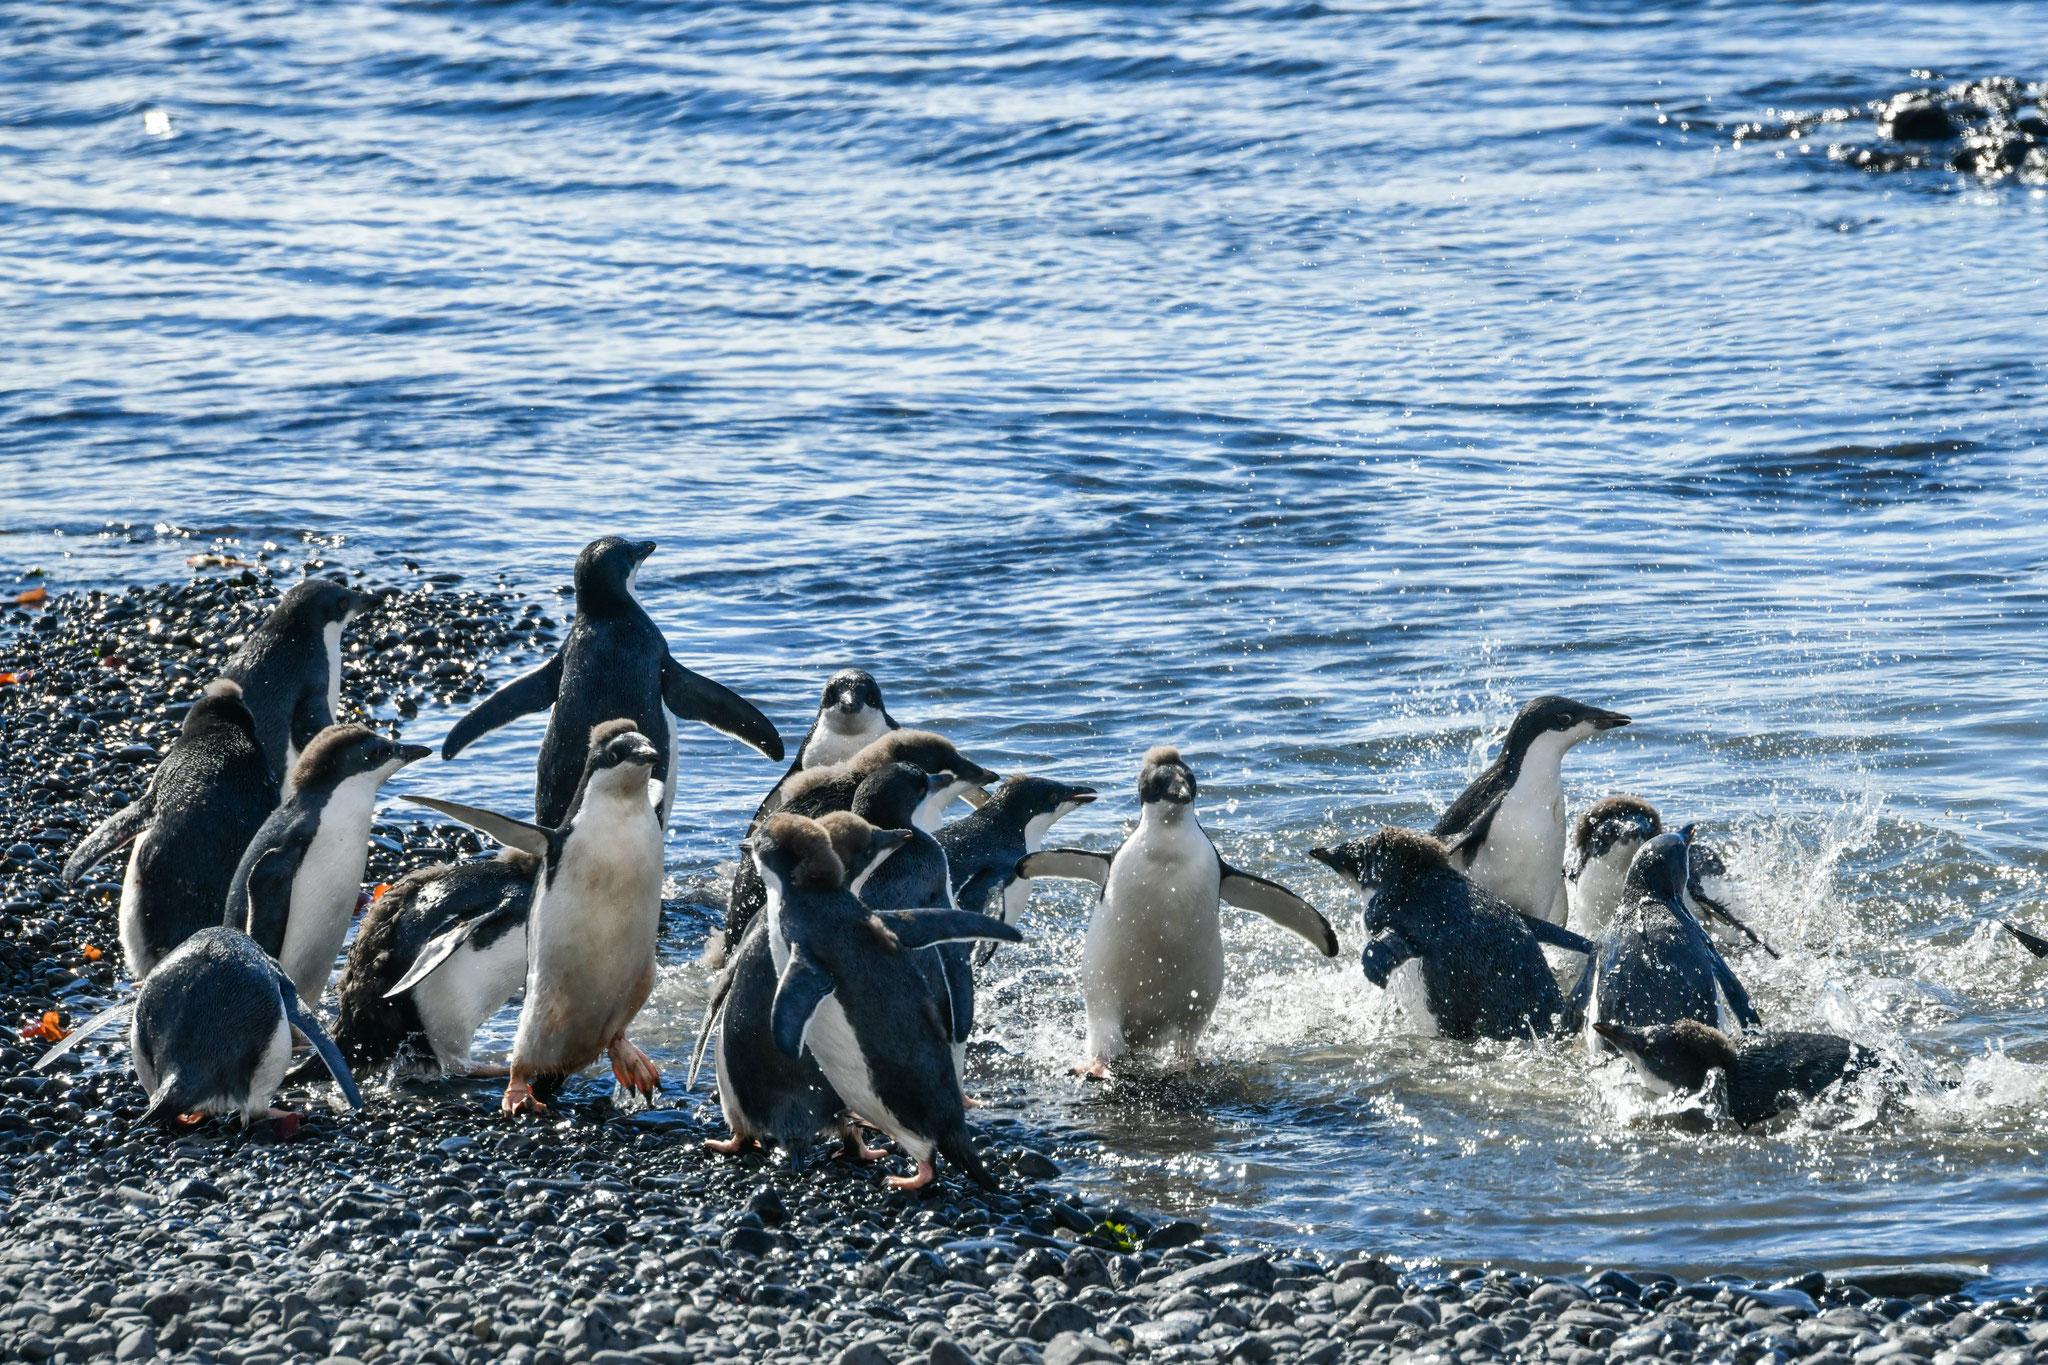 ヒナたちの泳ぎはじめ アデリーペンギン